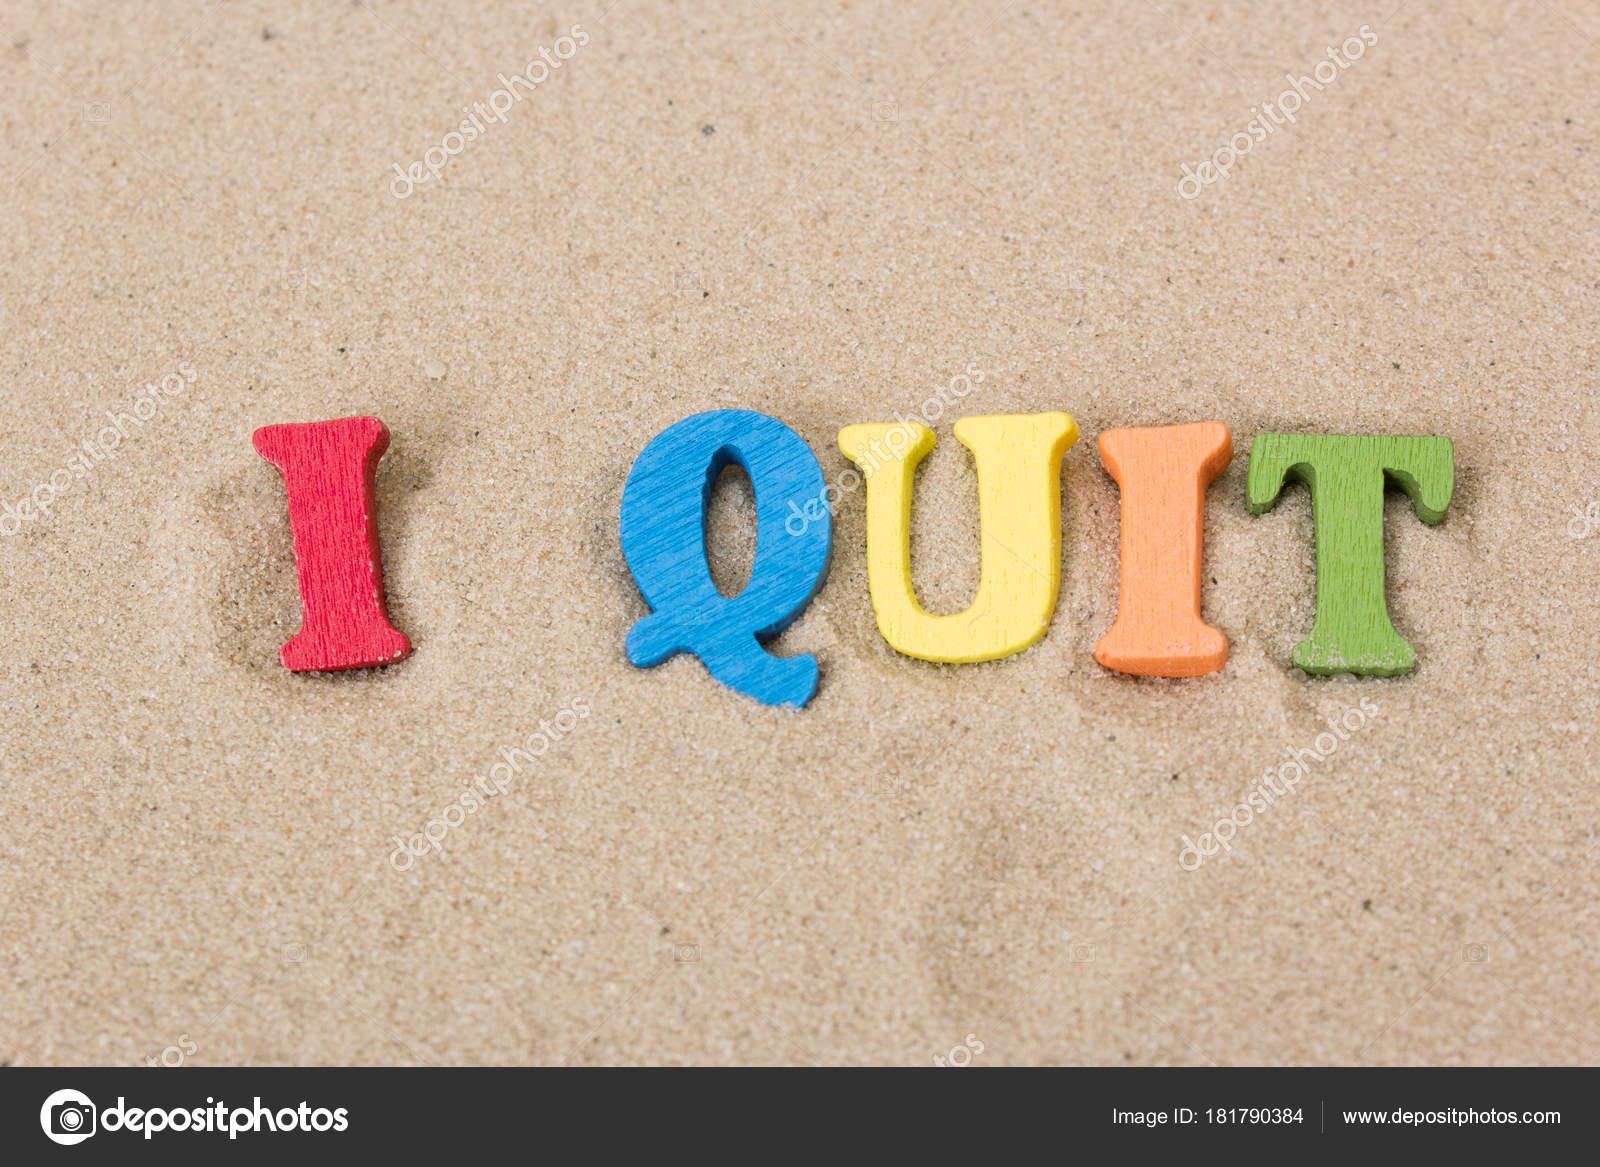 Lettere Di Legno Colorate : Ho rinunciato di lettere in legno colorate di parola sulla